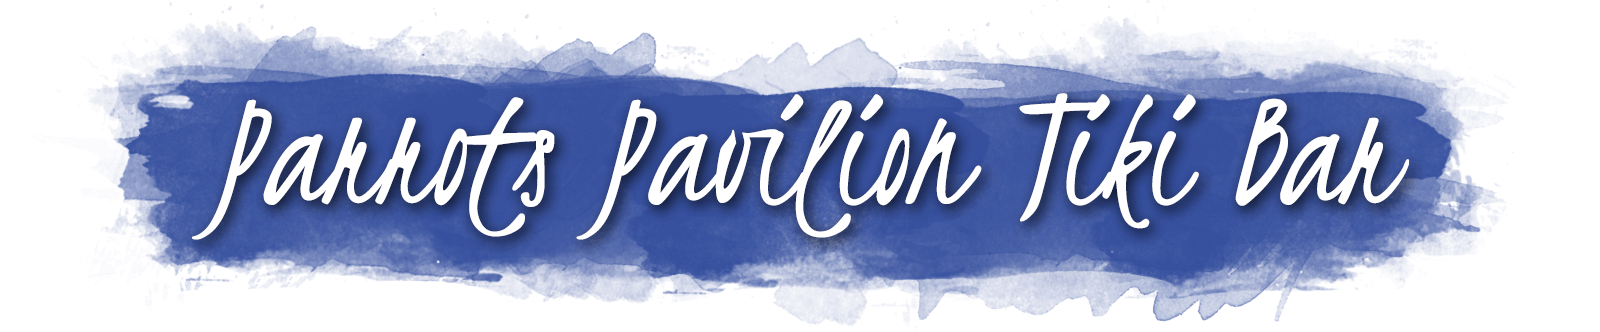 Parrots Pavilion Tiki Bar